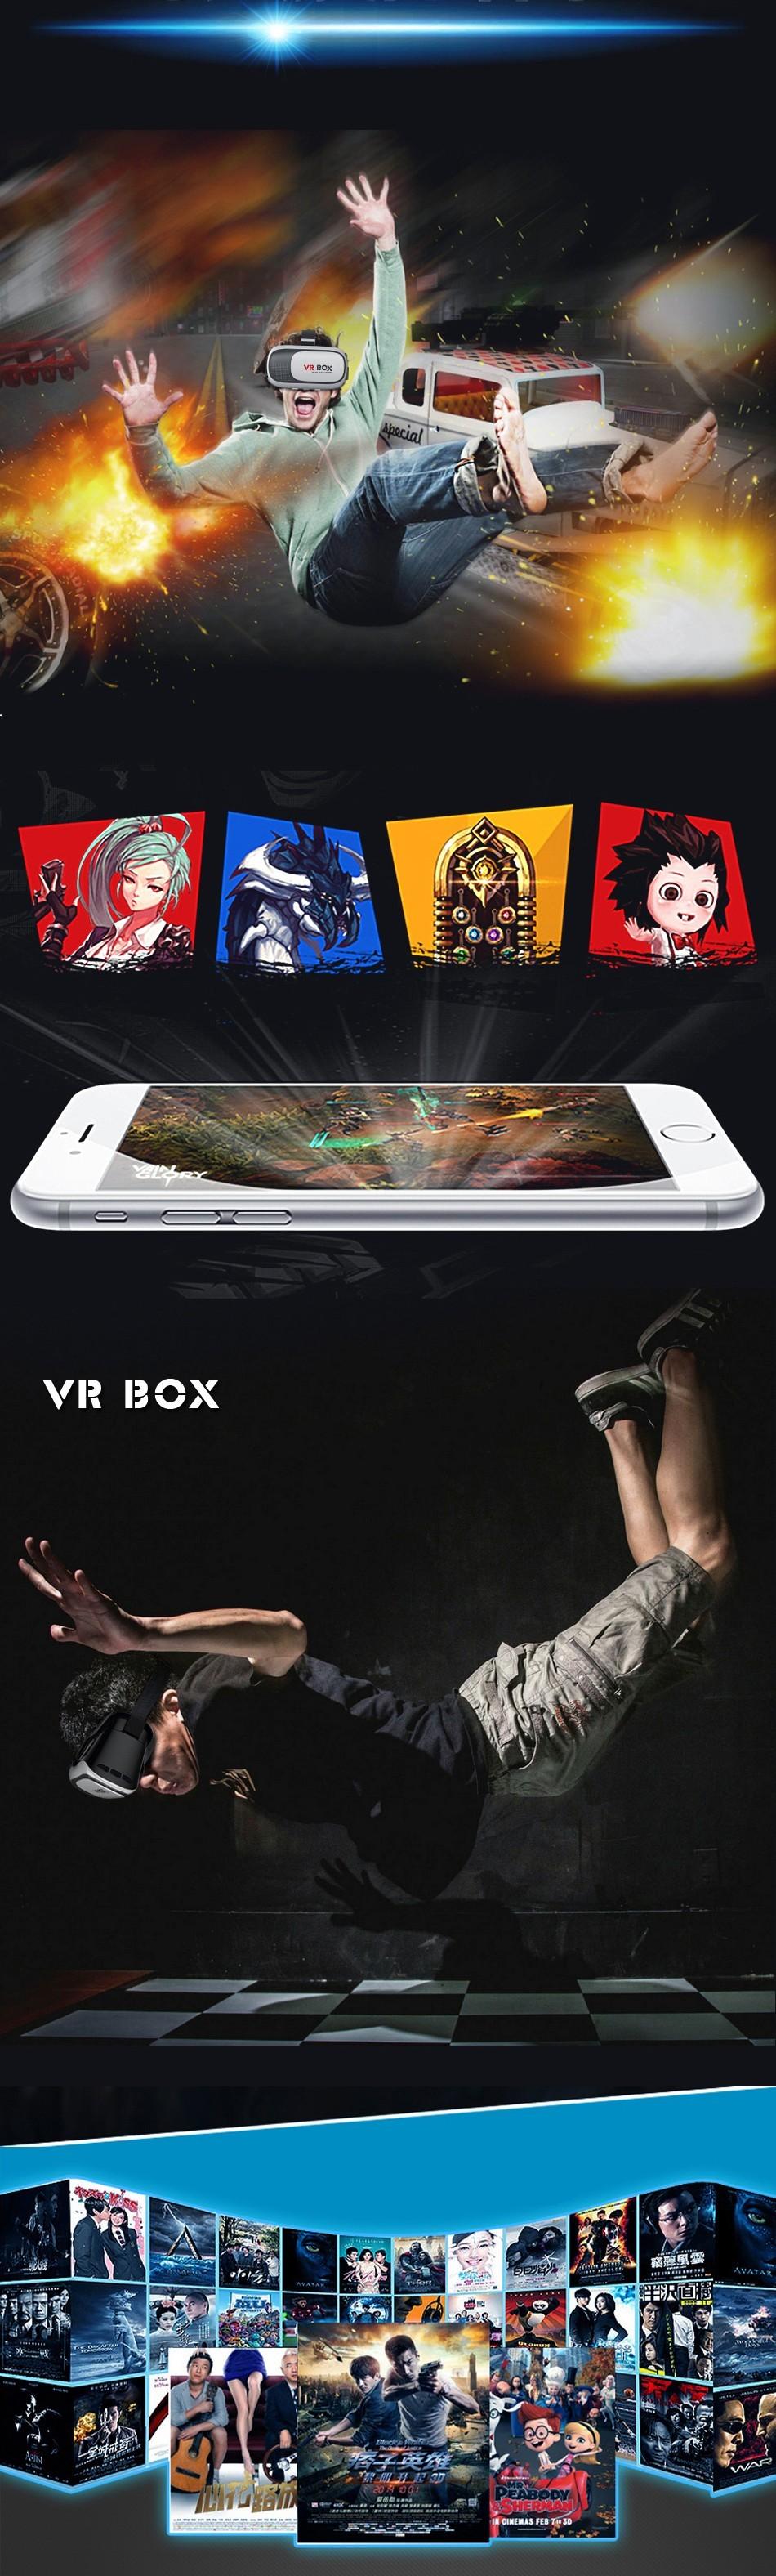 ถูก G oogleกระดาษแข็งVRกล่อง2.0รุ่นแว่นตาเสมือนจริง+เมาส์ไร้สายบลูทูธ/การควบคุมระยะไกล/Gamepadกับแพคเกจ